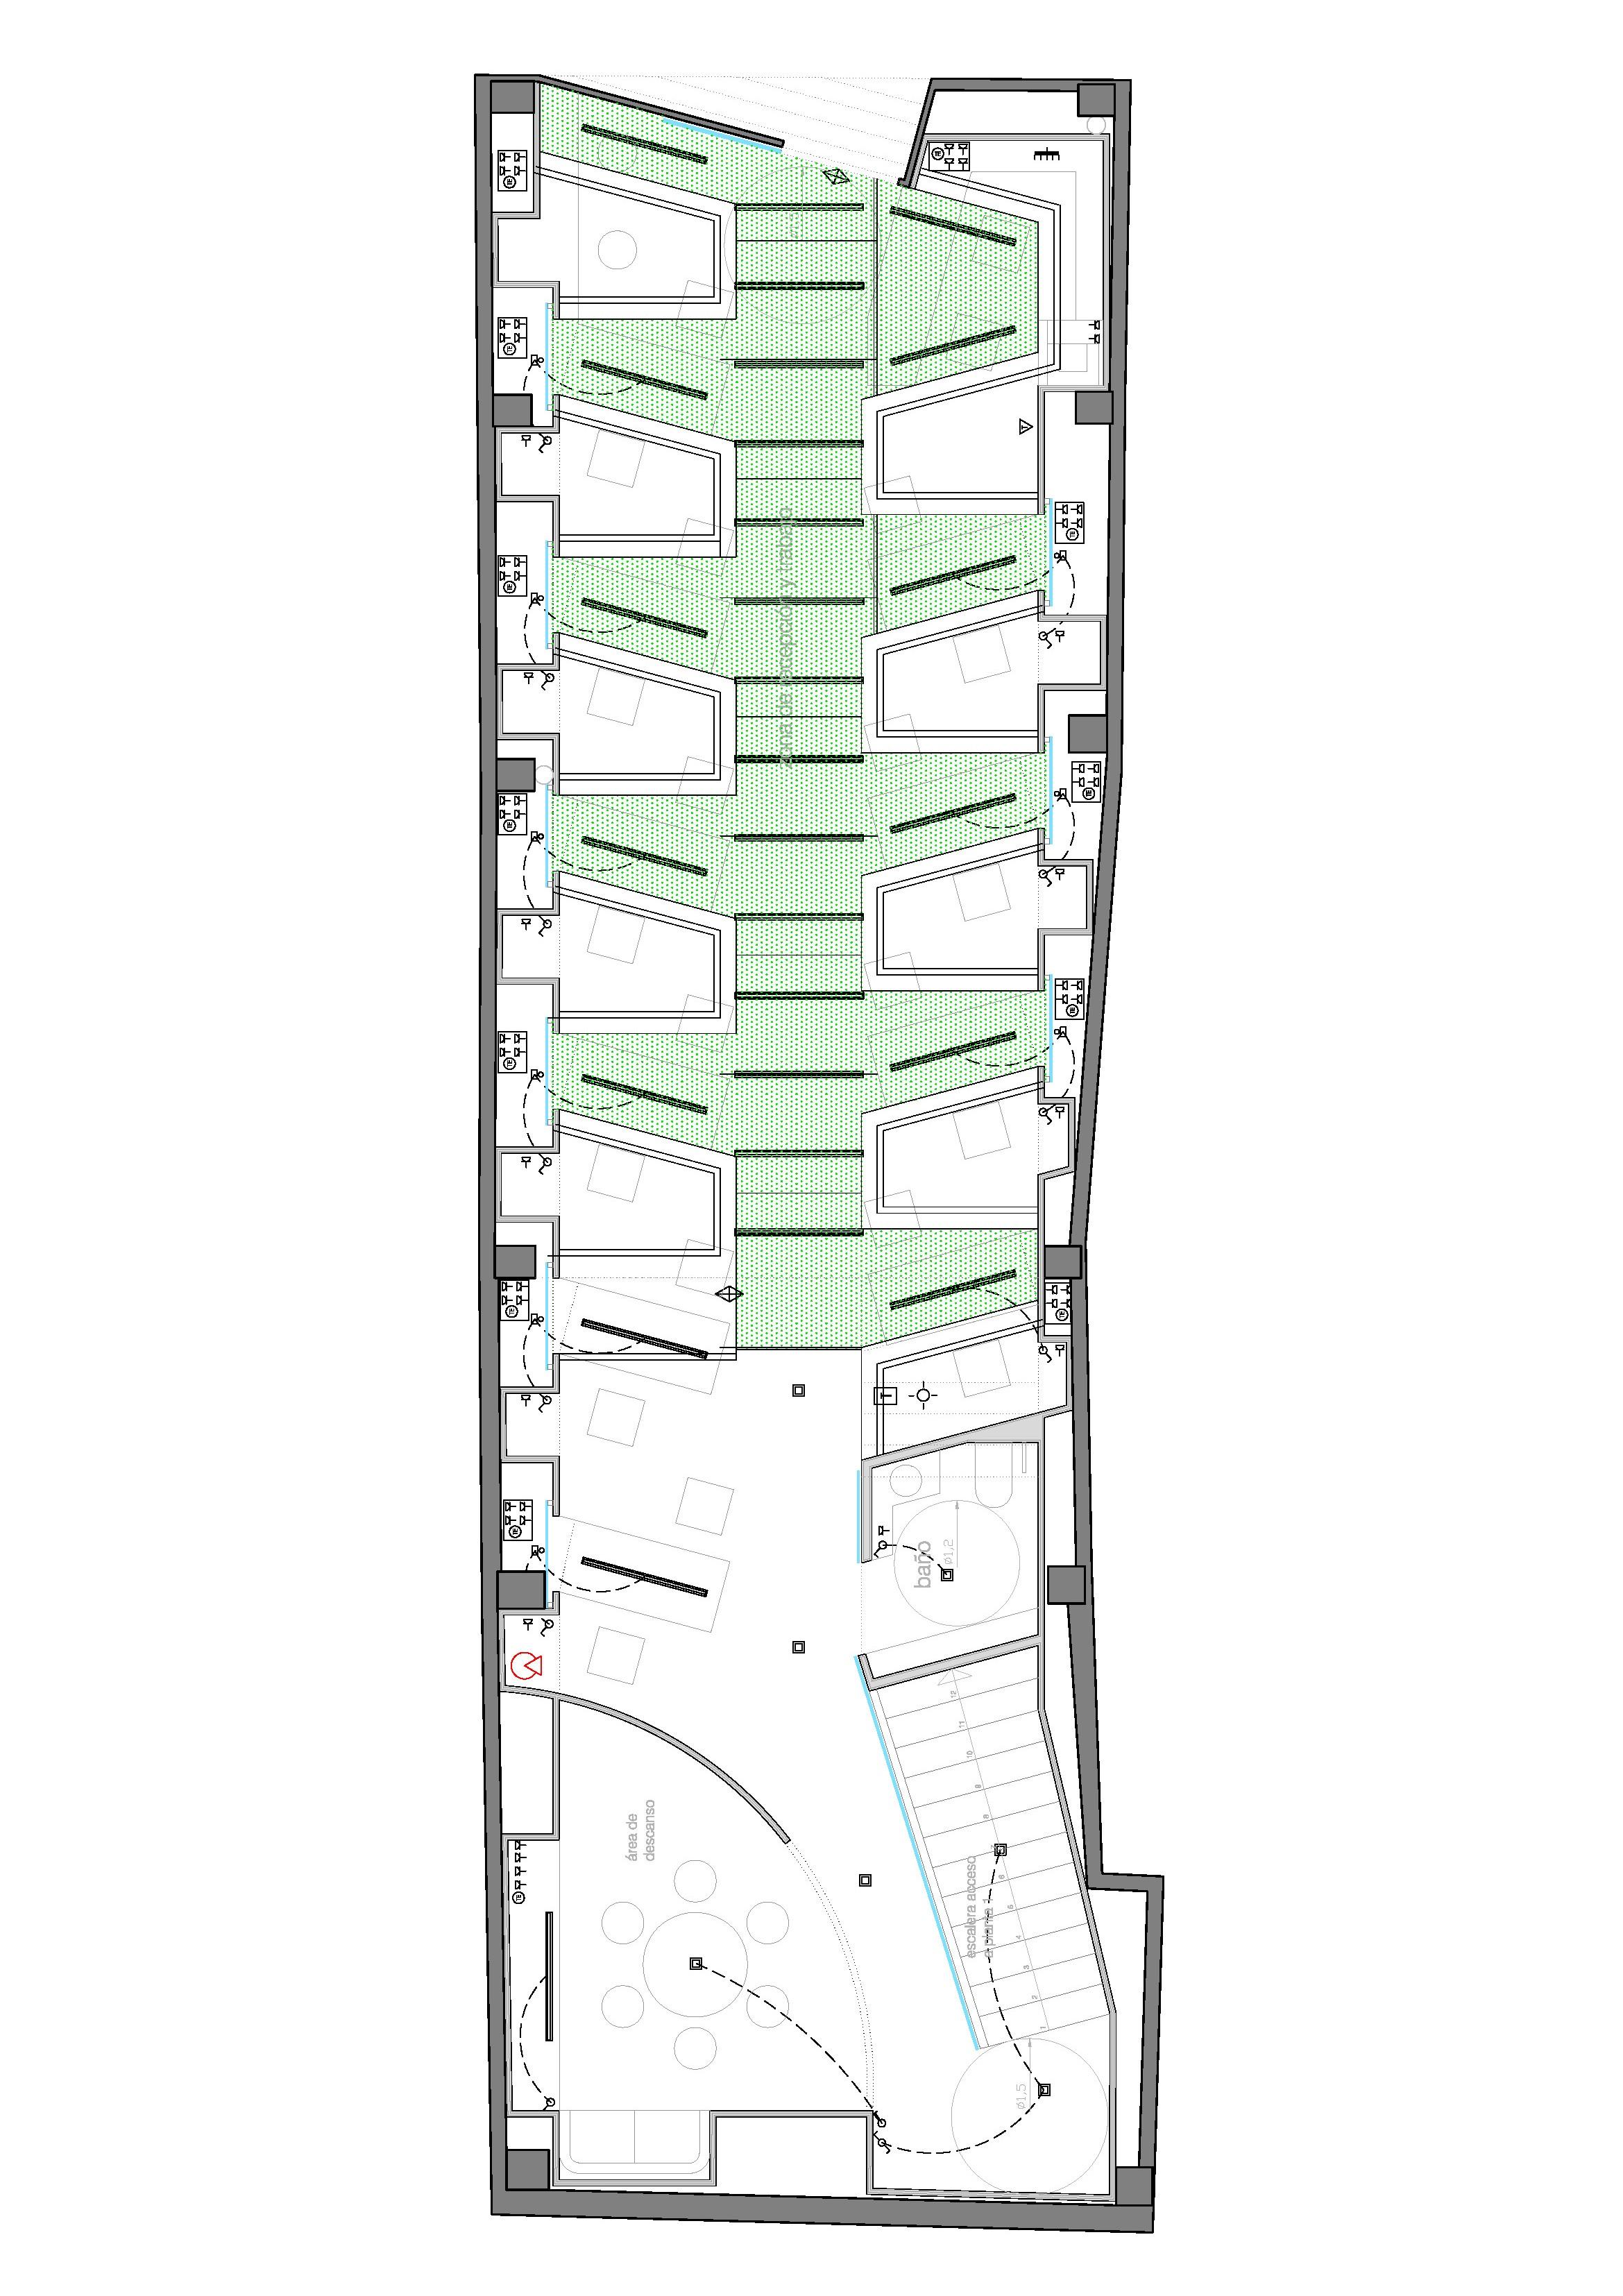 ANPE_planta techos+iluminacion.jpg